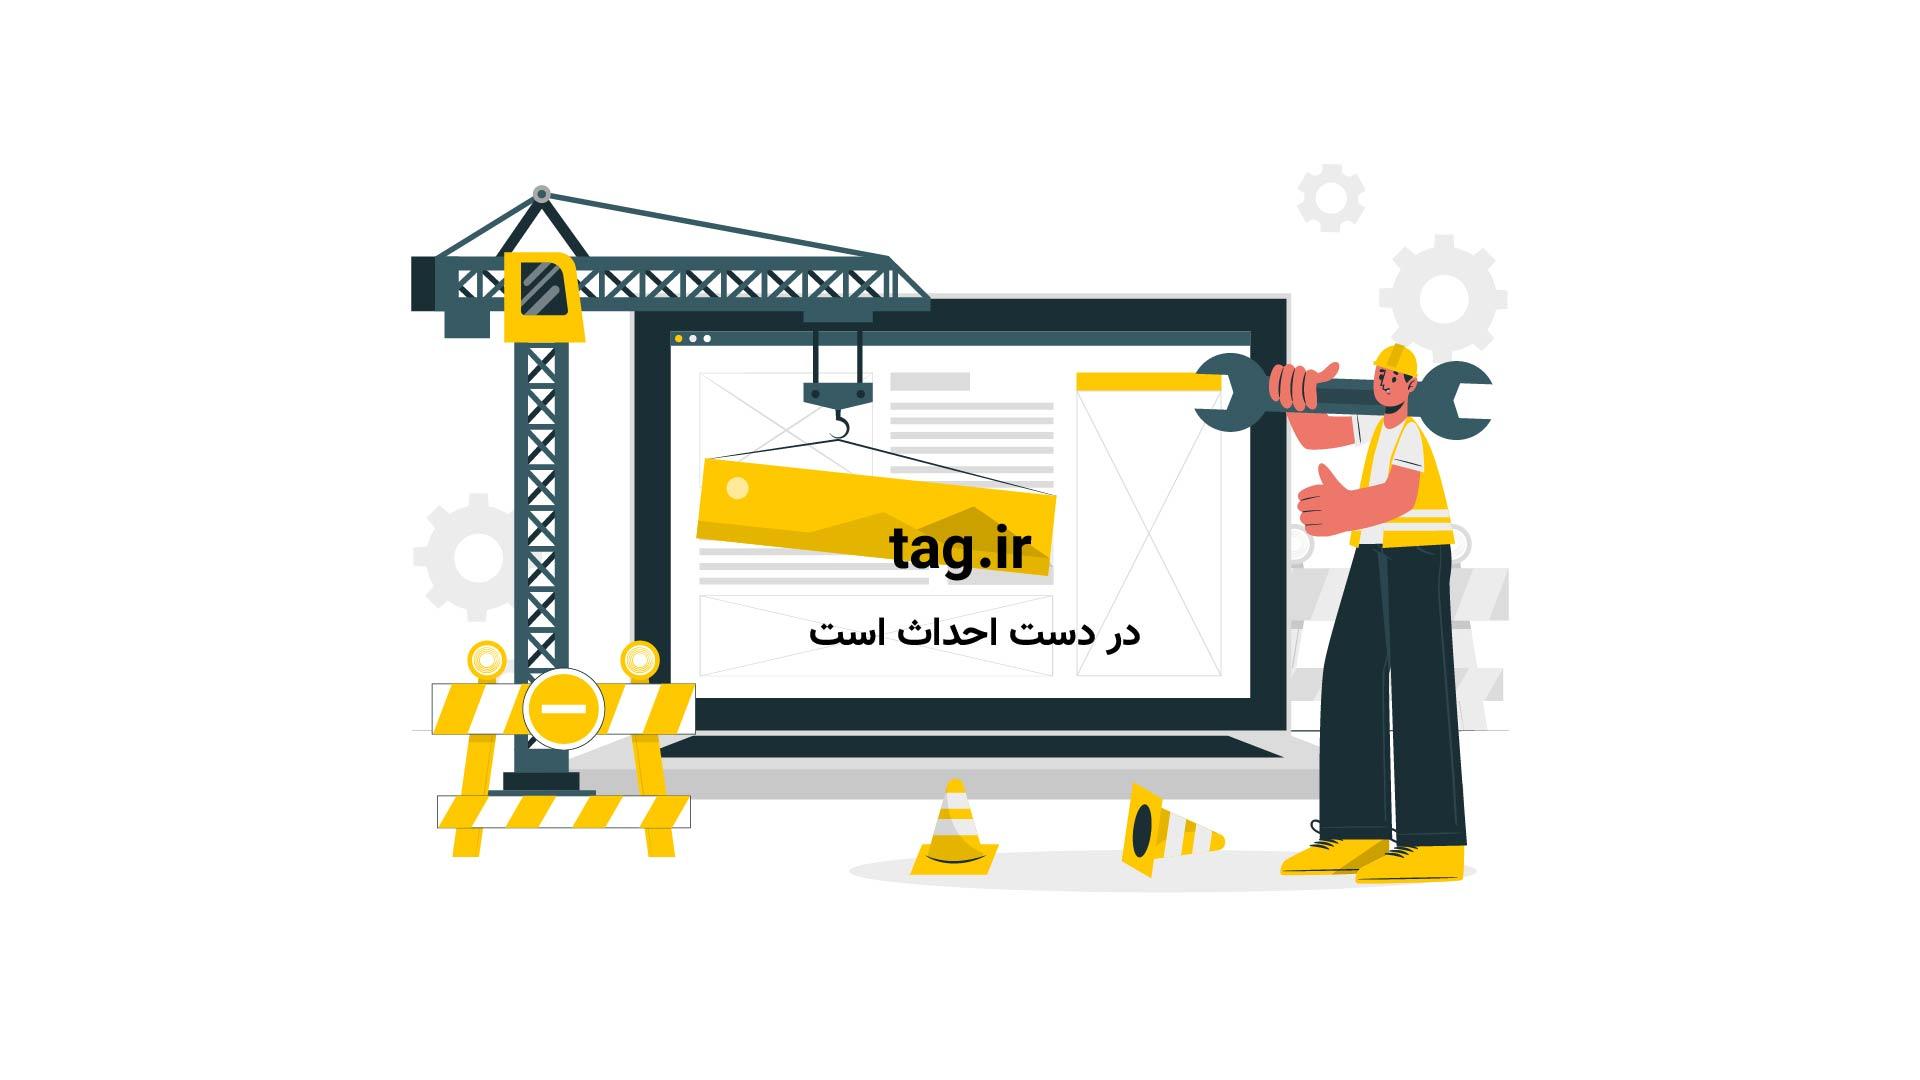 سخنگوی وزارت امور خارجه: نقض برجام را تحمل نمیکنیم   فیلم